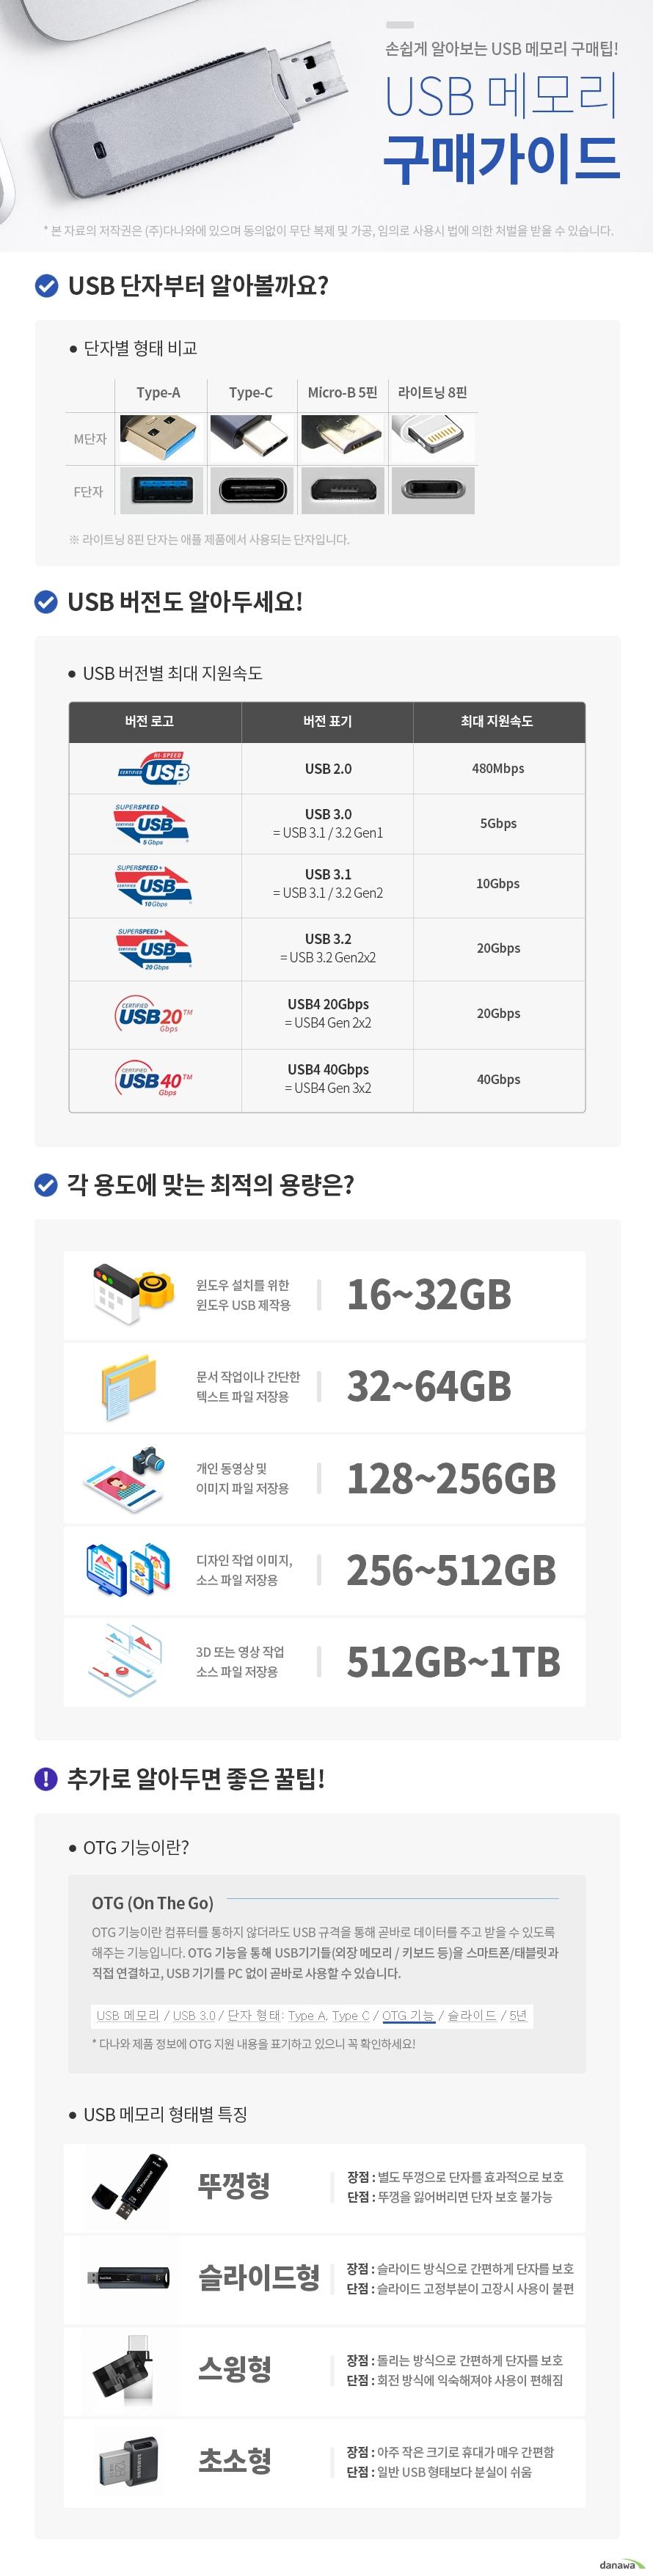 메모렛 스마트 스윙 OTG 마이크로 5핀 (16GB)